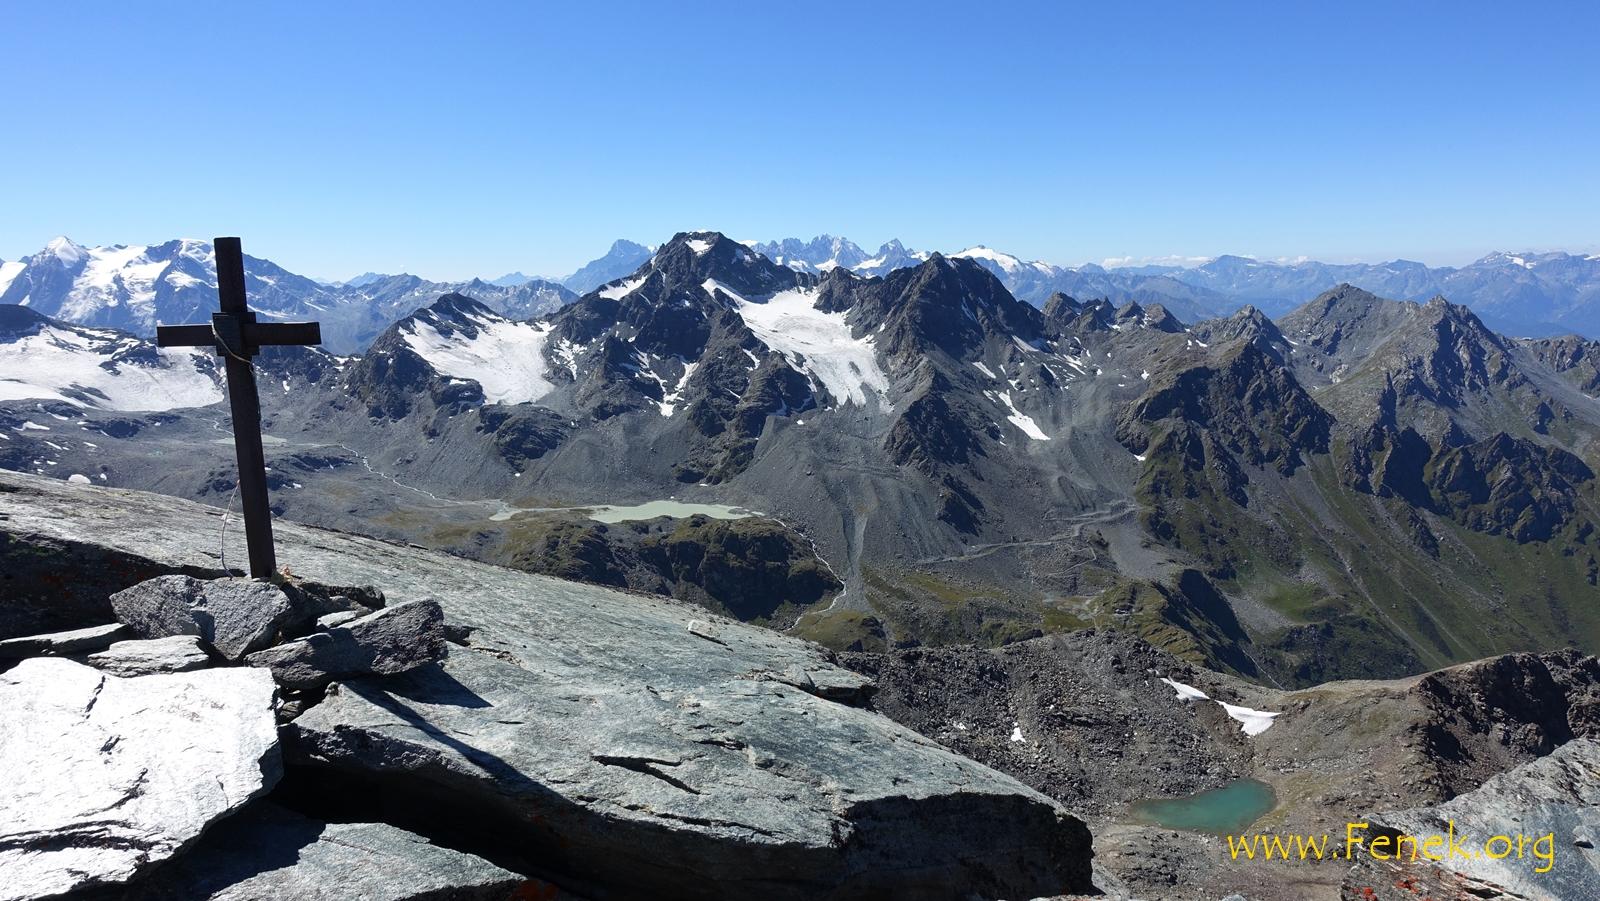 hinter dem dominanten Mont Fort verbirgt sich der Mont Blanc